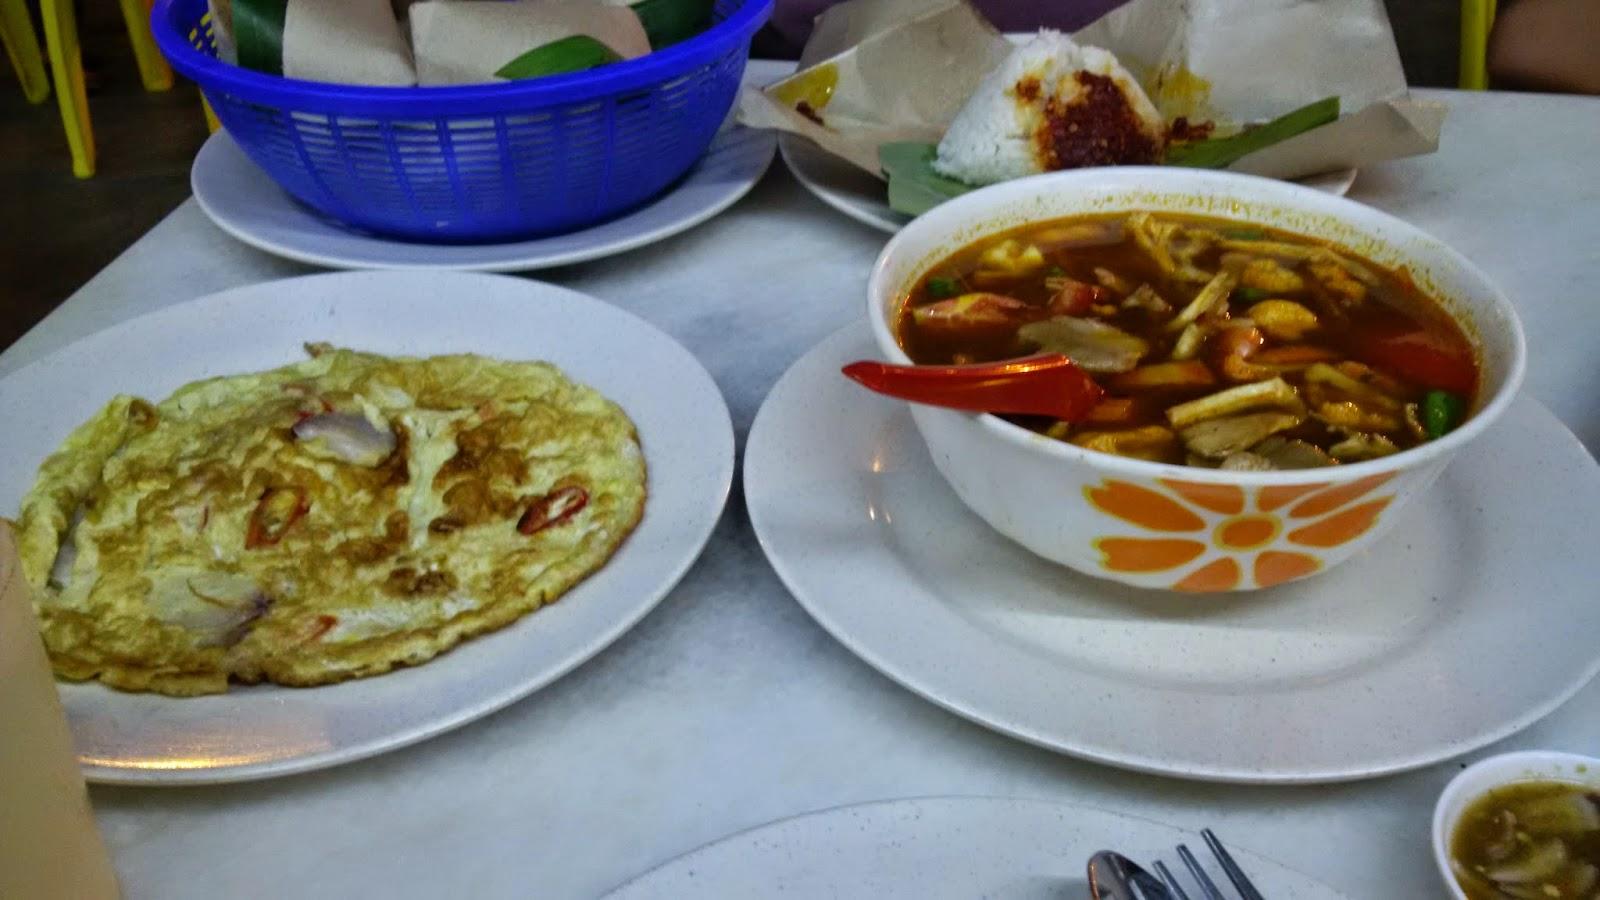 """best restaurants melaka, asam pedas melaka, sea food melaka, """"malaysia travel influencer,  malaysia influencer,  blog with cris,  malaysia blogger,  malaysia freelance model,  what to eat in melaka halal,  melaka chinese restaurant,  melaka food blog 2019,  melaka food blog 2018,  late night supper in melaka,  malacca must buy snacks,  melaka raya food,  best cendol in melaka,  best cendol in melaka,  best halal food in melaka,  best nyonya food in melaka,  melaka snacks,  satay celup melaka,  melaka traditional food,  romantic dinner in melaka,  malacca must buy snacks,  melaka famous place,  what to eat in melaka halal,  malacca river restaurant,  seafood near jonker street,  durian shake melaka,  melaka tong shui,  melaka crab,  wild coriander melaka menu,  chinese restaurant in melaka,  bulldog melaka,  teatime melaka,  melaka lobak,  taman asean melaka food,  pork noodle melaka,  food near melaka sentral,  batu berendam food,  melaka off the beaten track,  best seafood in melaka town,  hidden places in melaka,  soon yen duck noodle,  best food near mahkota parade,  must try halal food in melaka,  melaka must eat nyonya food,  hakka zhan restaurant blog,  melaka blogspot 2019,  heng hong tin kee,  baba charlie cafe review,  melaka bunga raya popiah,  hock chin melaka,  ikan bakar umbai melaka,  menu ikan bakar parameswara,  ikan bakar umbai melaka harga,  ikan bakar haji musa,  umbai ikan bakar melaka map,  ikan bakar muara sg melaka,  ikan bakar malim,  ikan bakar bandar hilir,  ikan bakar haji musa,  ikan bakar malim,  resepi ikan bakar melaka,  medan selera melaka,  ikan bakar muar,  butter prawn sedap di melaka,  ikan bakar padang temu melaka,  umbai seafood malacca malaysia,  ikan bakar daun pisang melaka,  muara ikan bakar,  ikan bakar batu berendam,  ikan bakar alor gajah,  portuguese settlement stall 7,  portuguese settlement which stall,  umbai grill fish,  ikan bakar parameswara 2019,  restoran cerana ikan bakar alai,  mukmin seafood melaka,  ala kassi"""